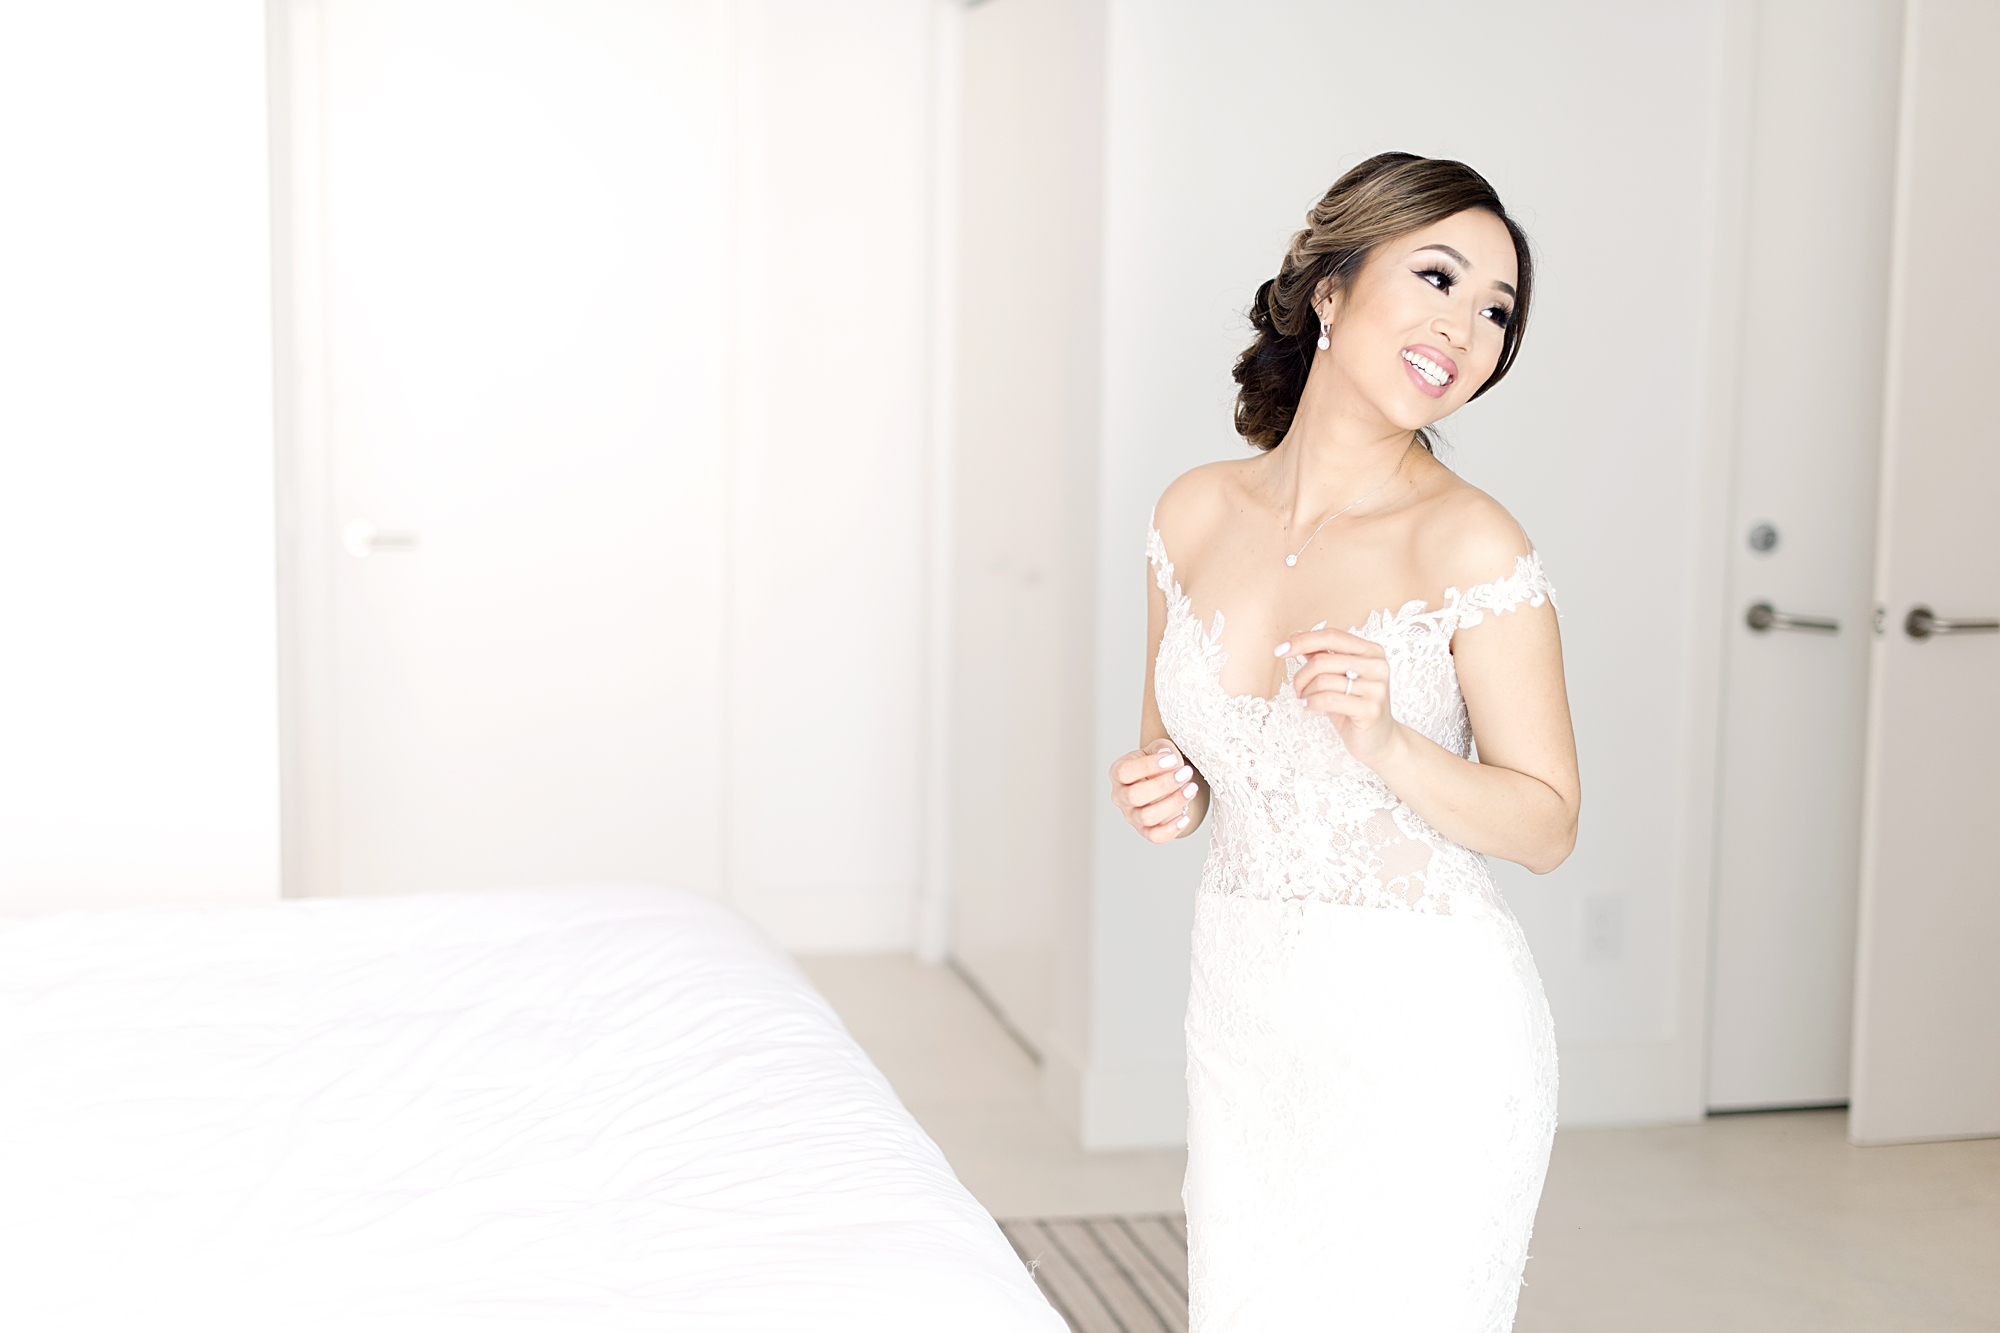 Vietnamese bride